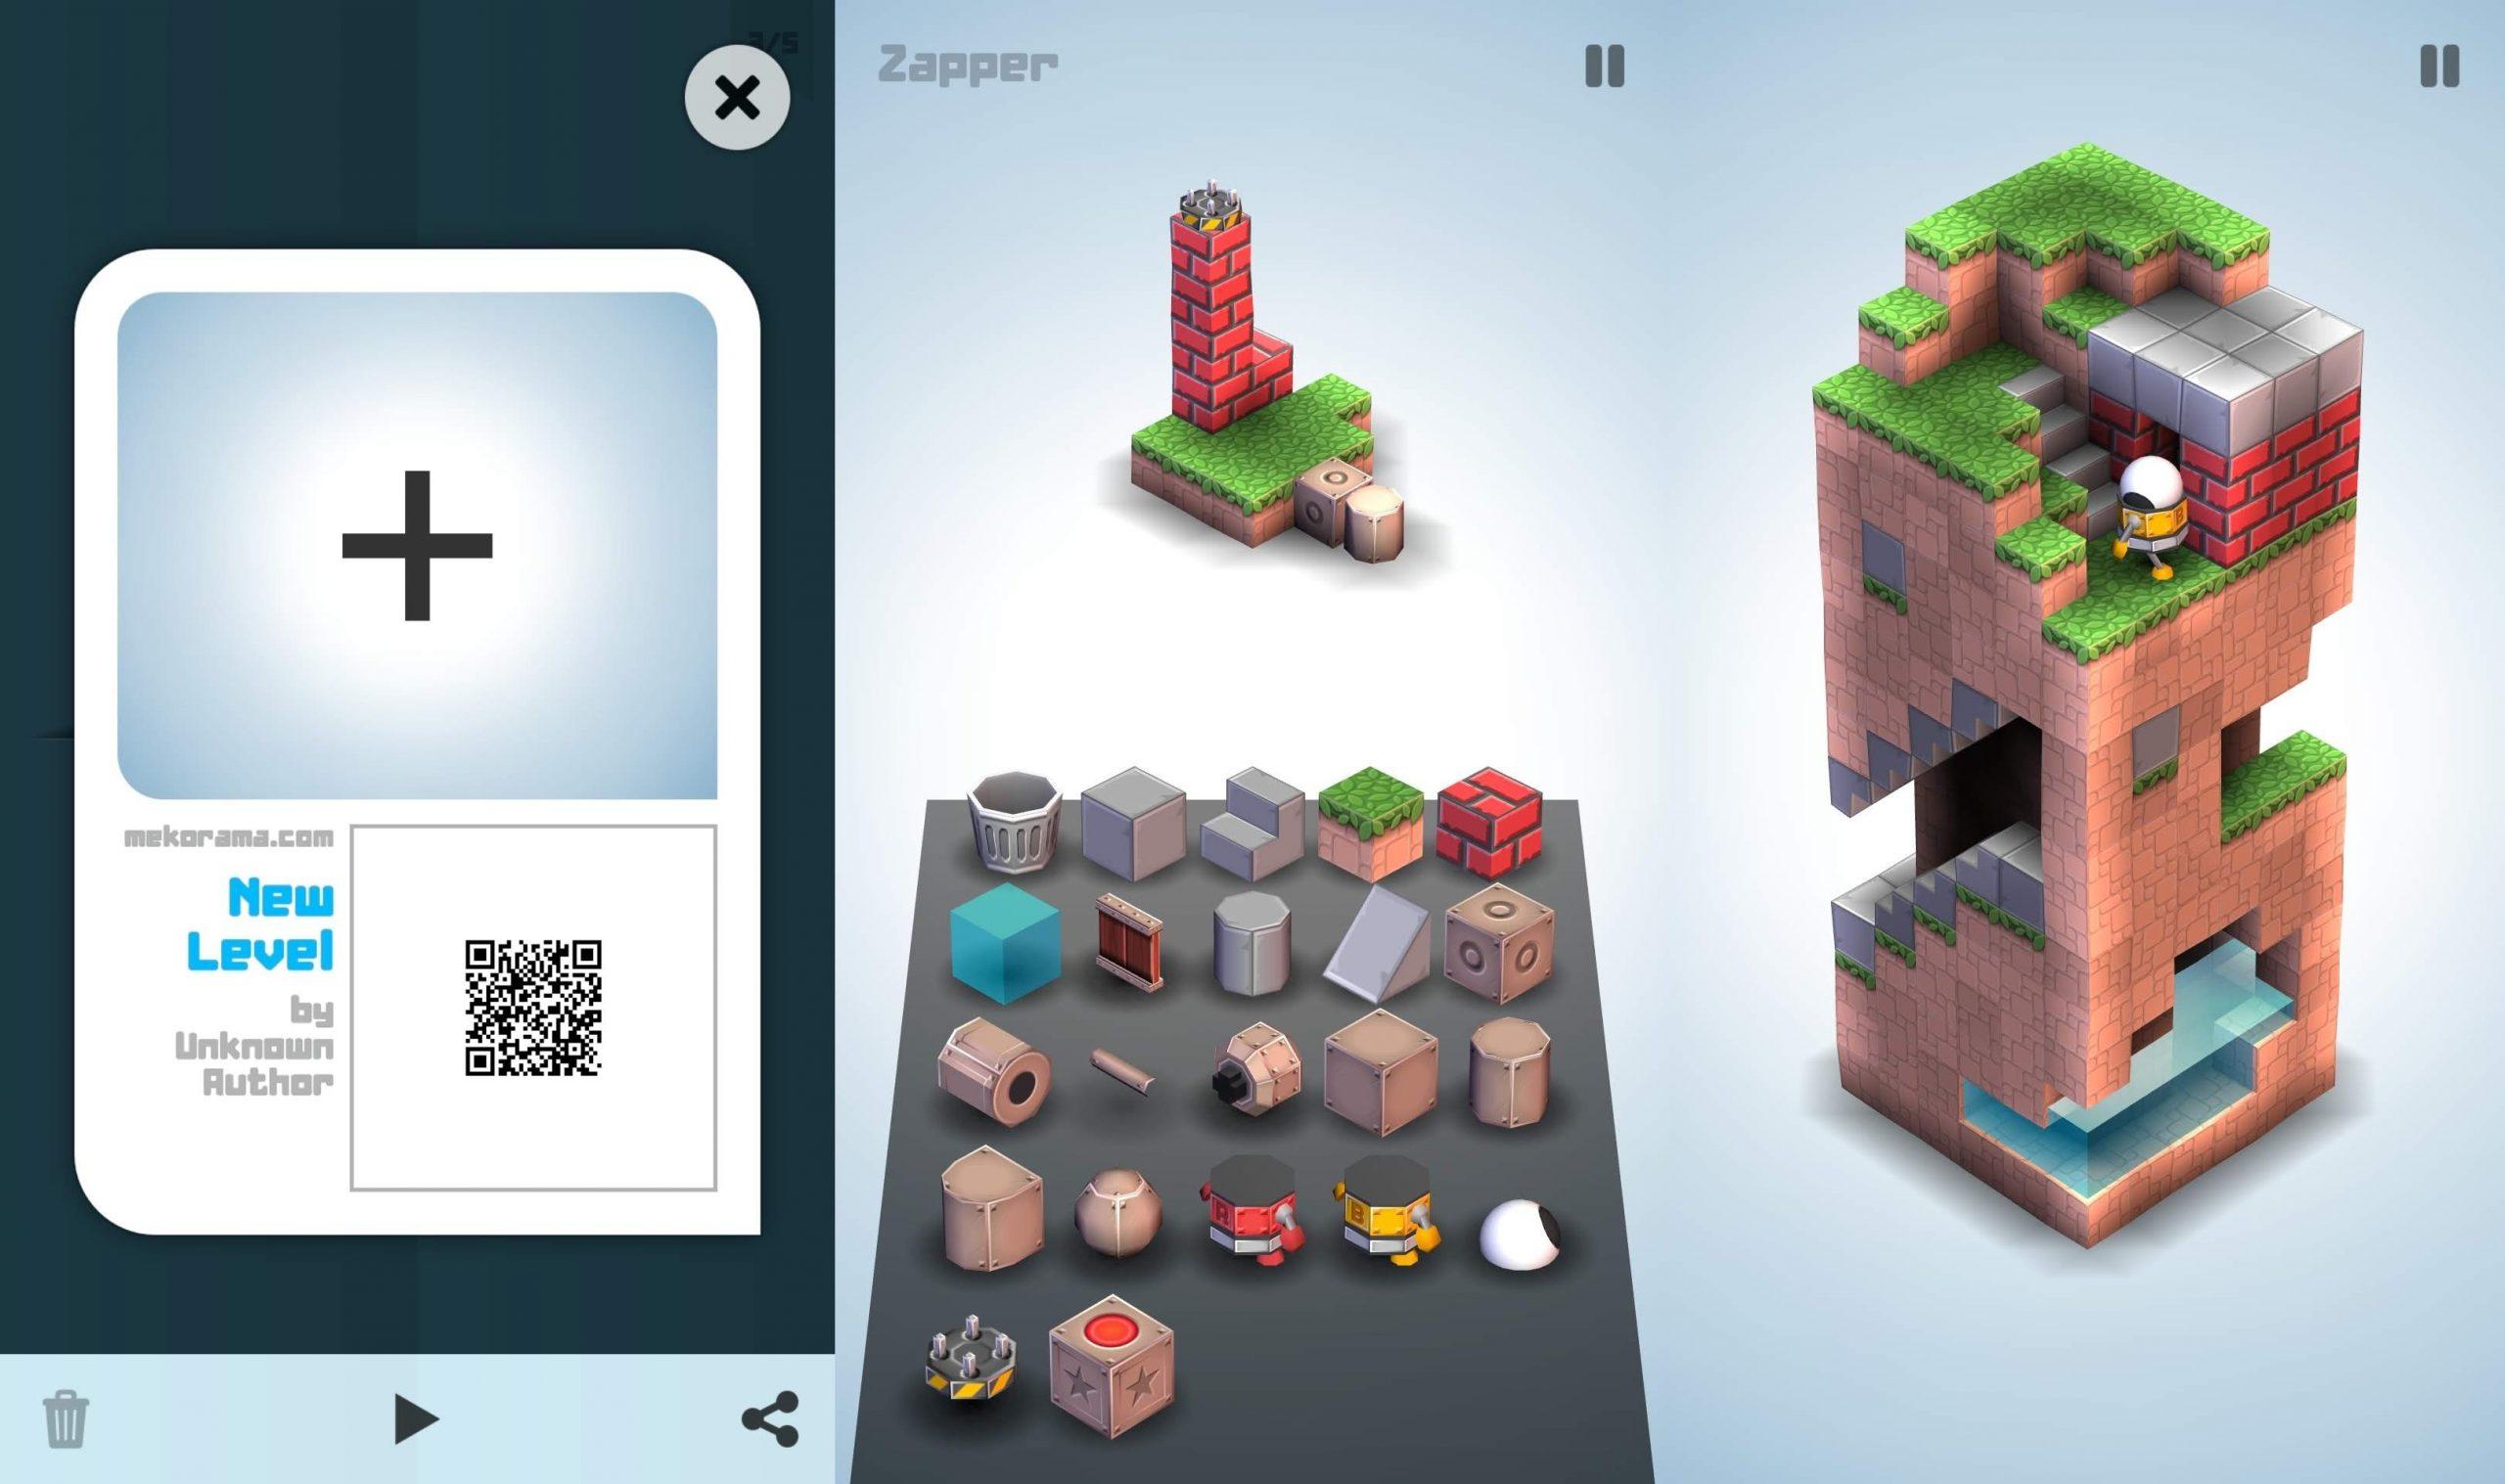 Les Meilleurs Jeux De Réflexion Gratuits Sur Android, Iphone destiné Jeux De Logique Gratuits